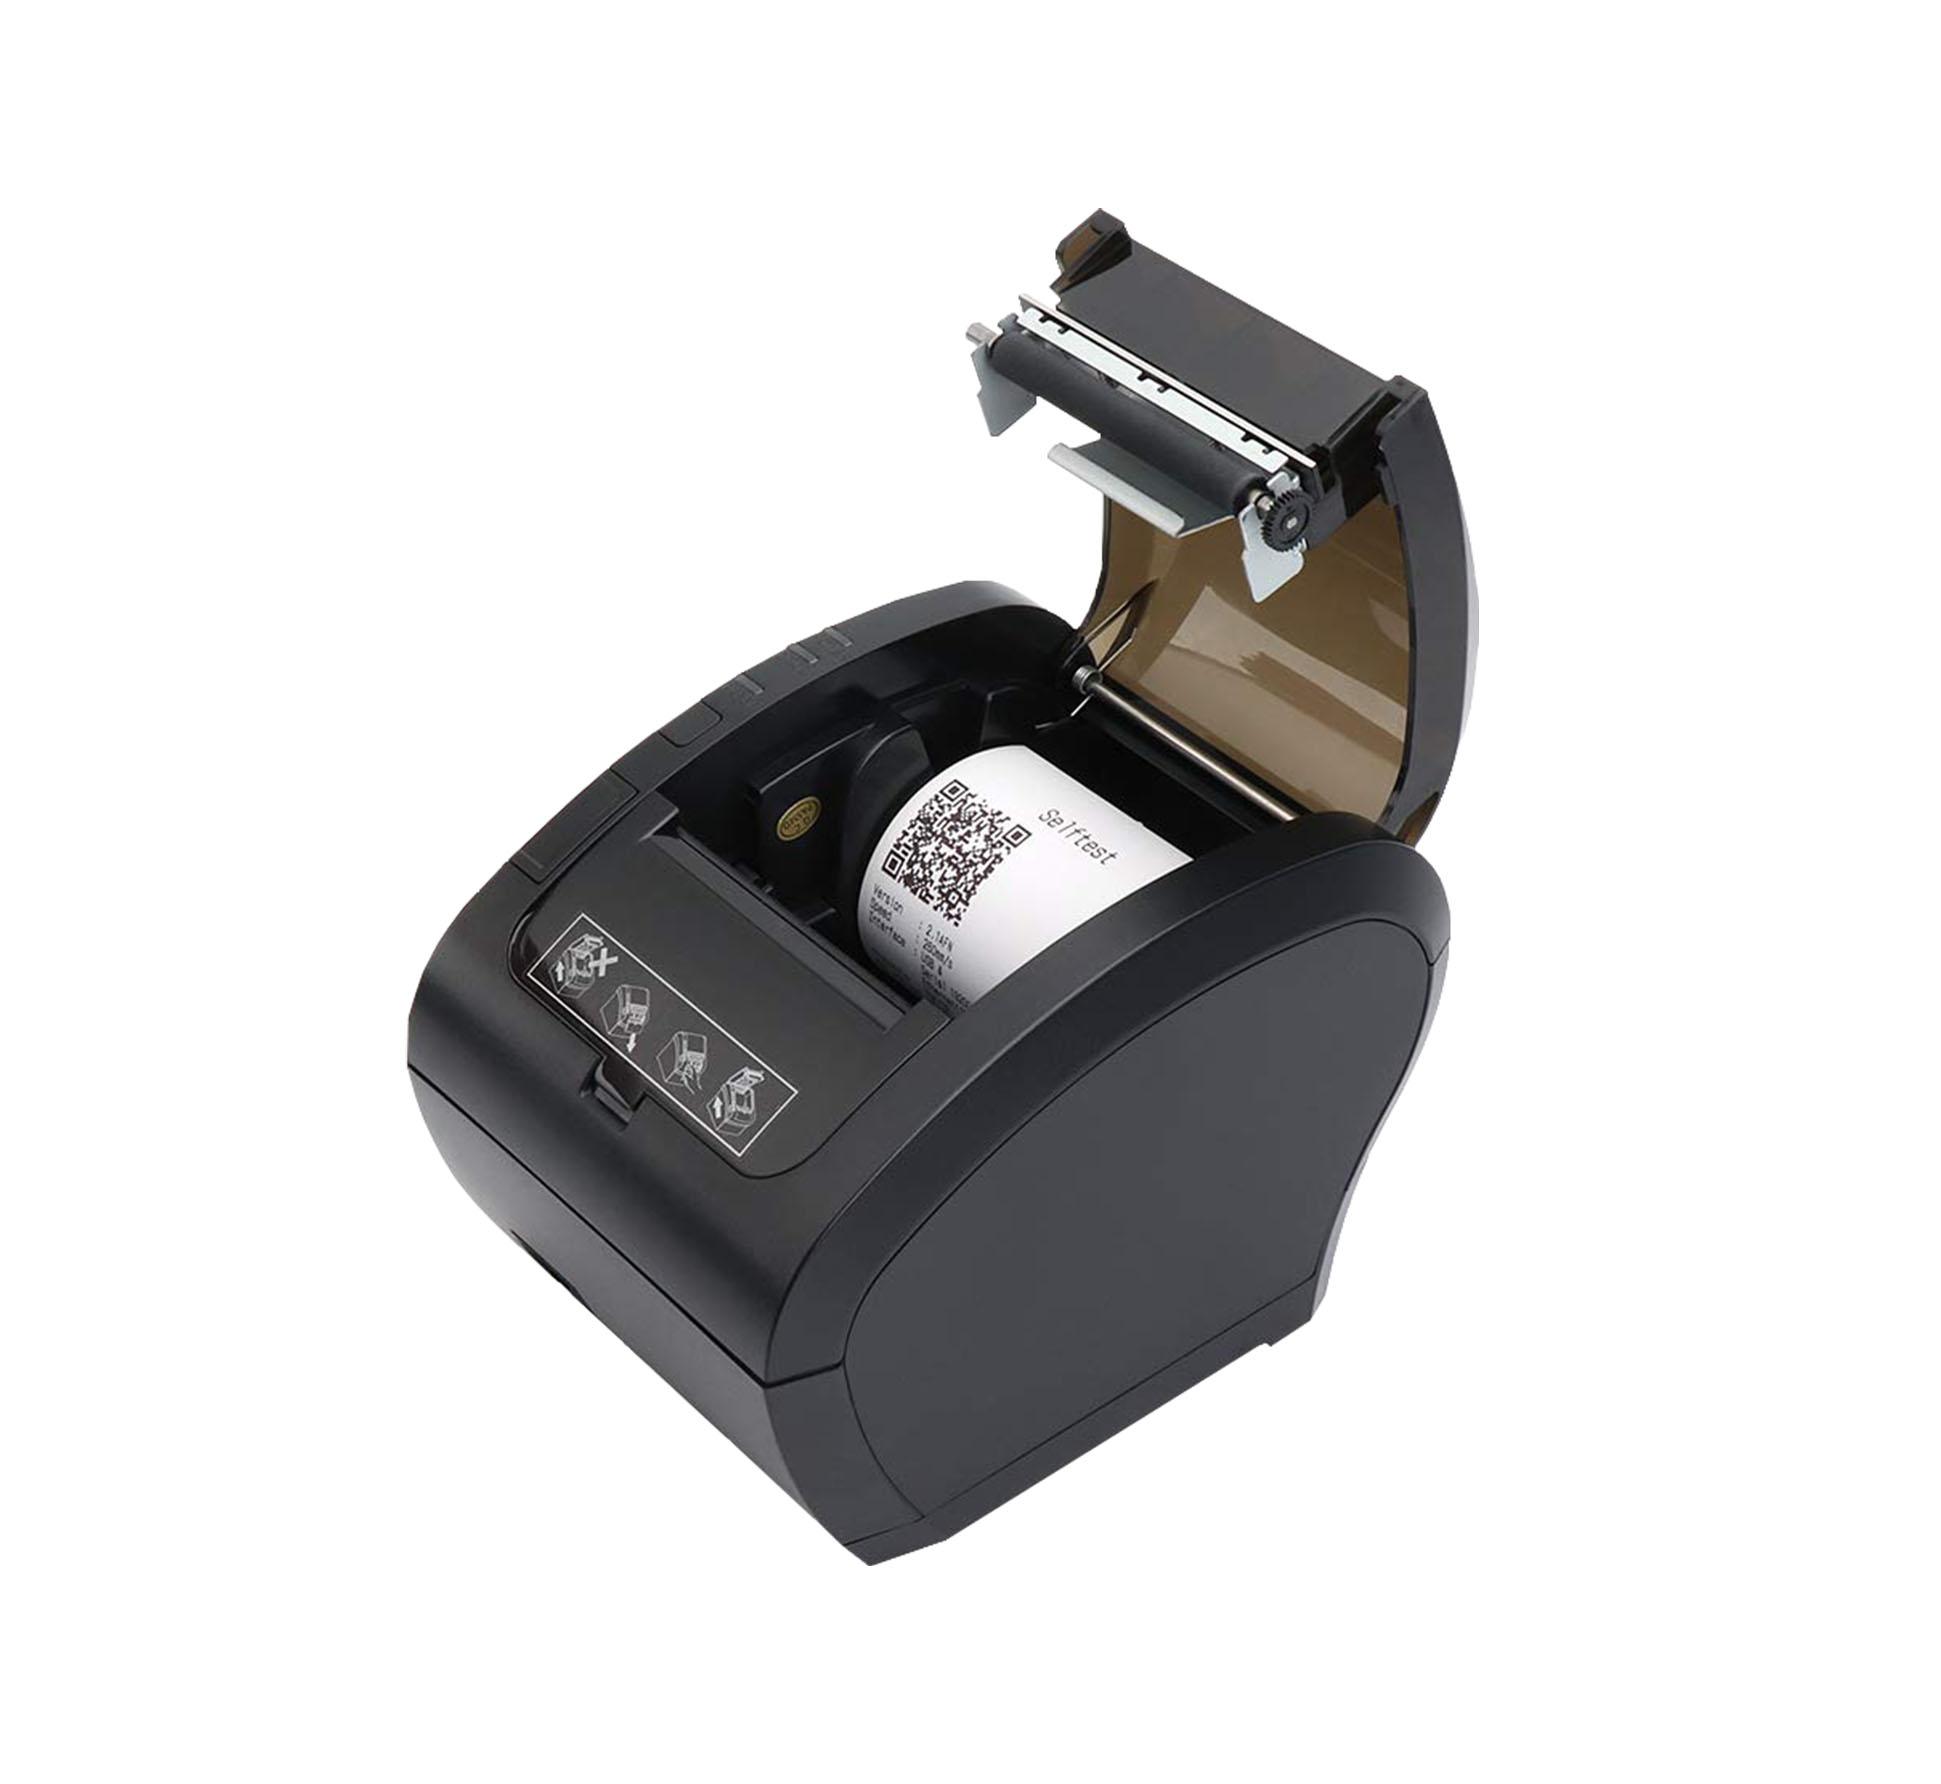 Thermal_printer-4